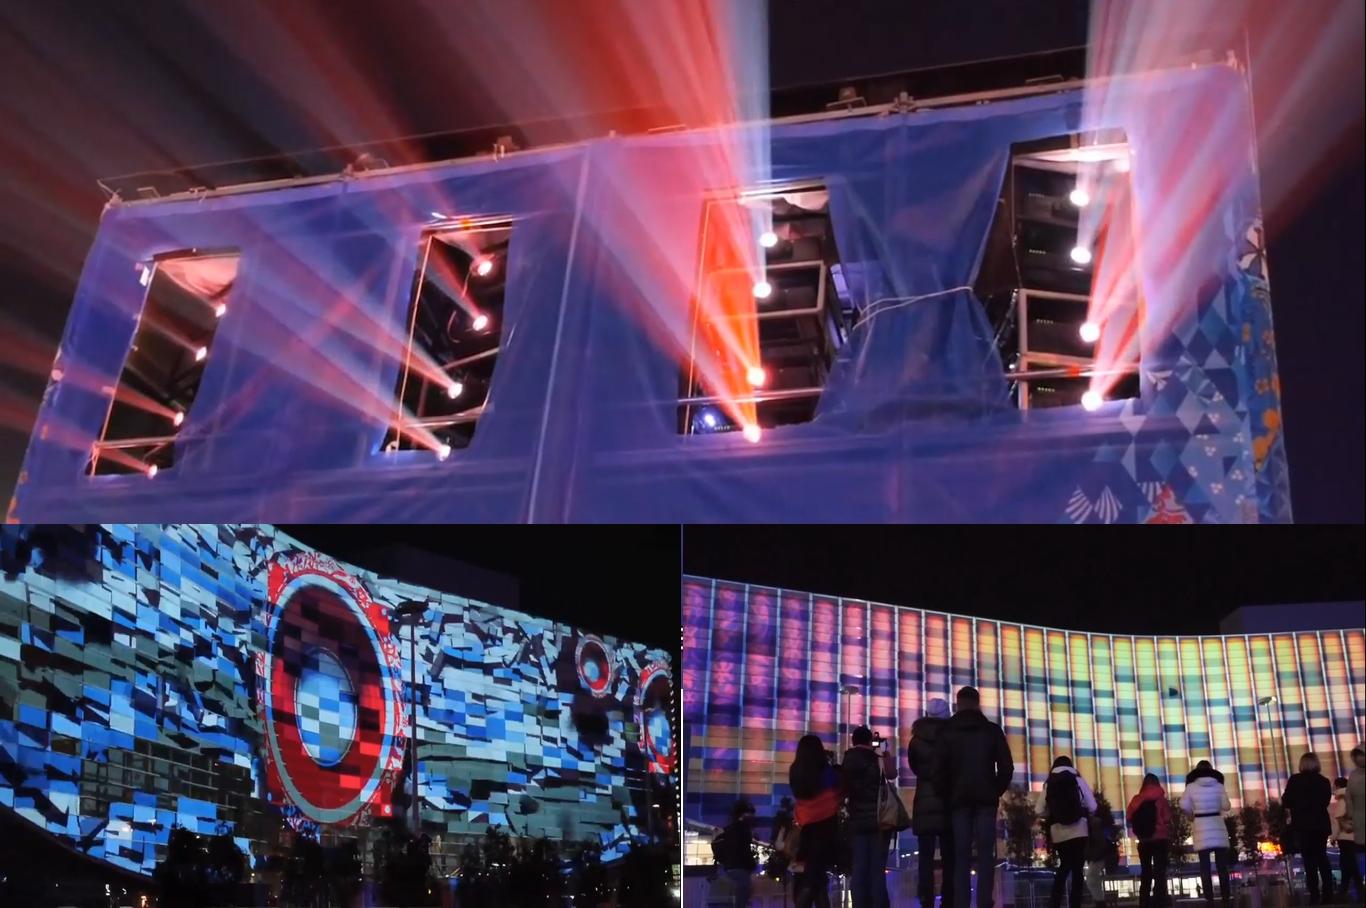 24台のプロジェクターを使って、巨大な壁面に映像を映し出す。集まった観衆の中には、踊り出す人の姿も。